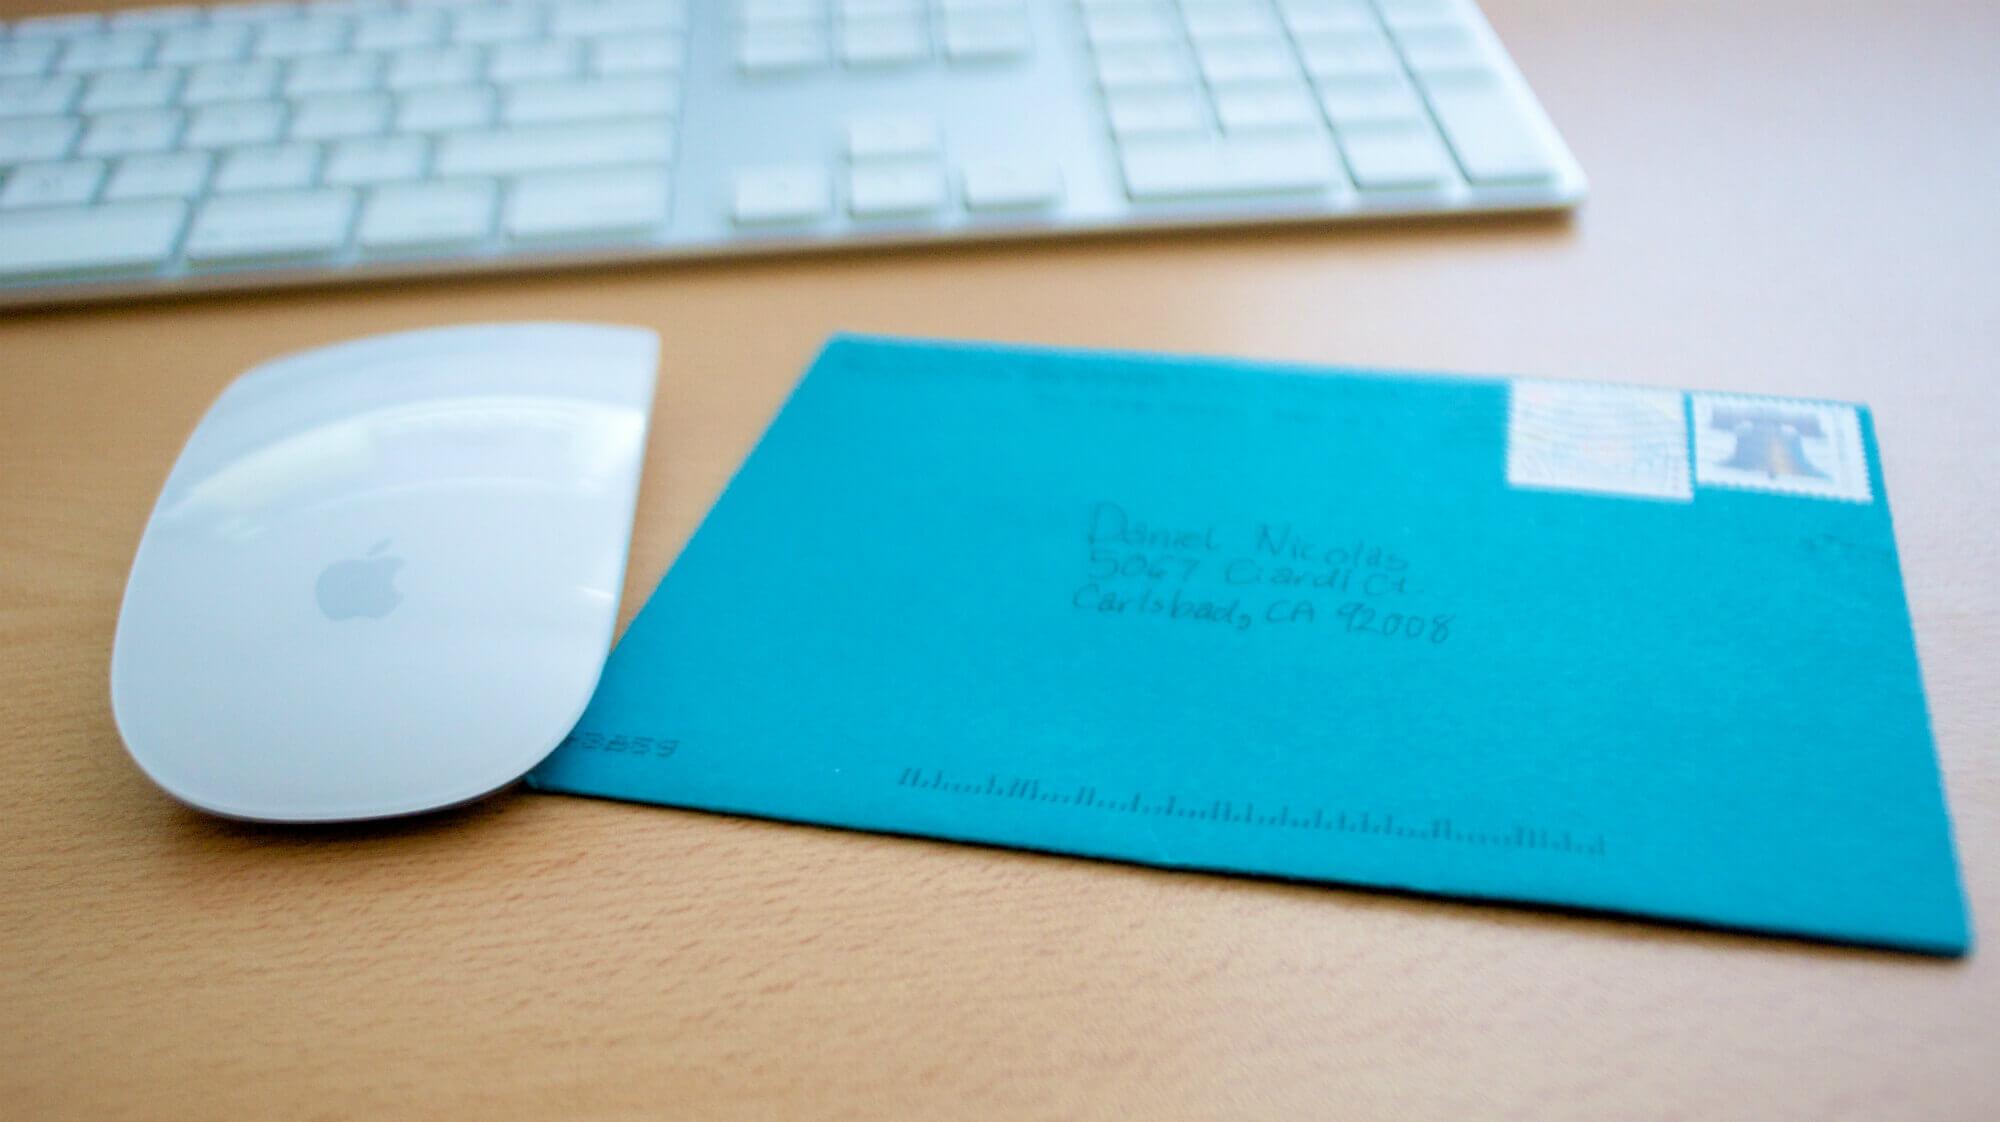 e-mail-rassulka-dlya-webinara